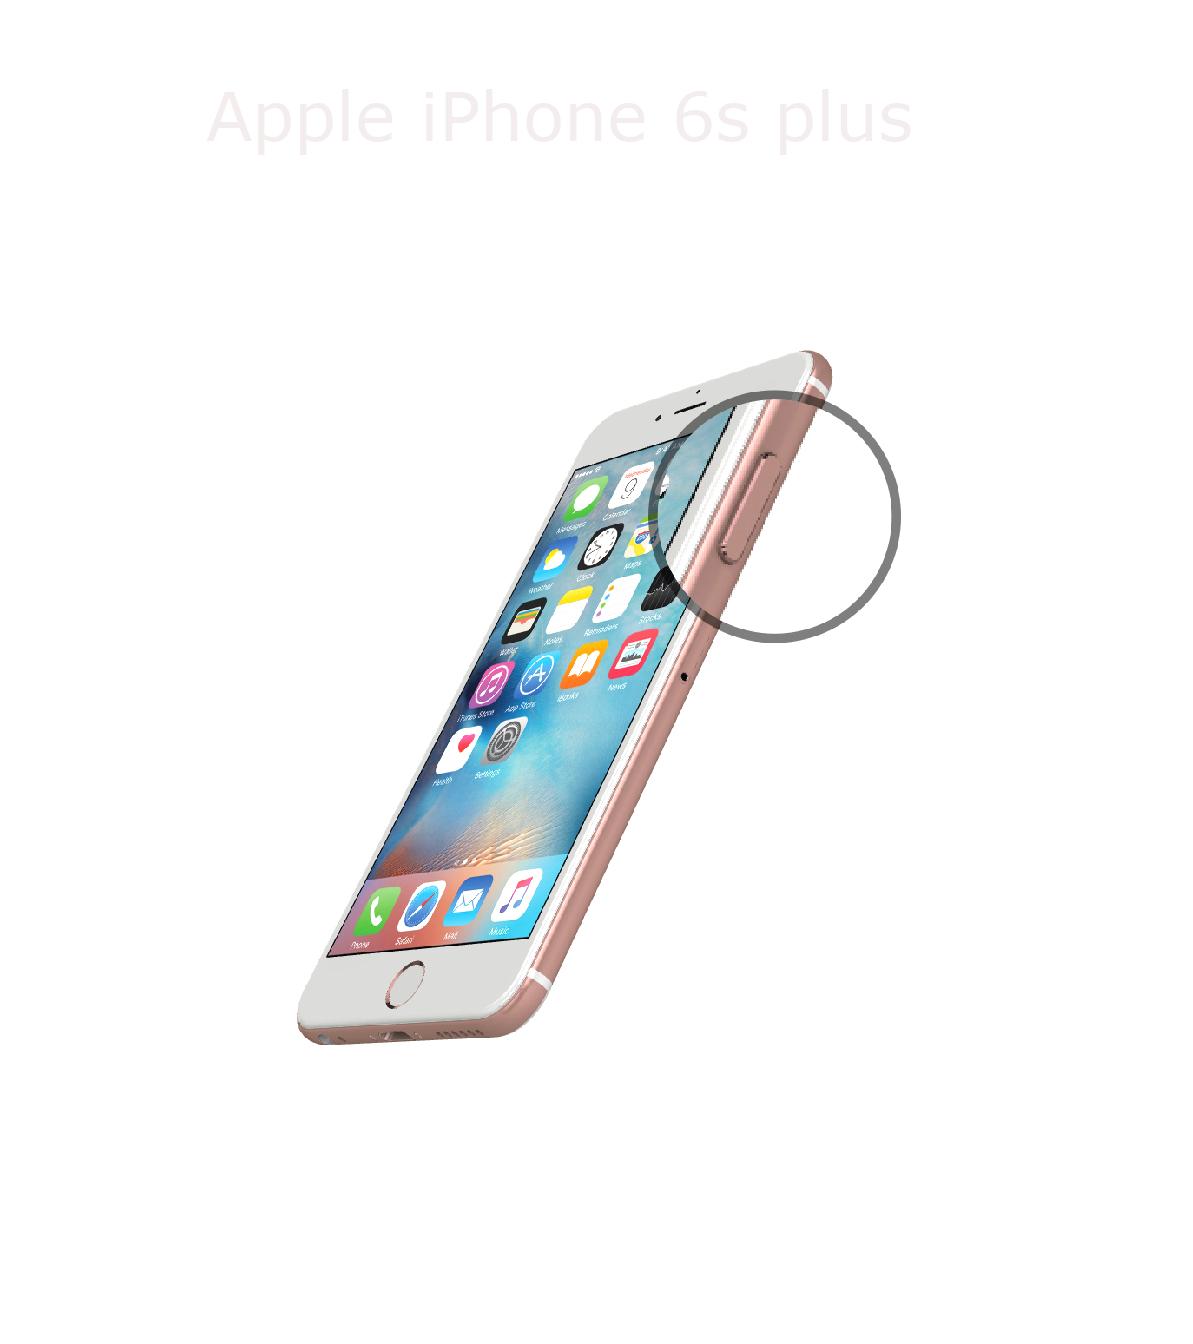 Laga on/off knapp iPhone 6s plus